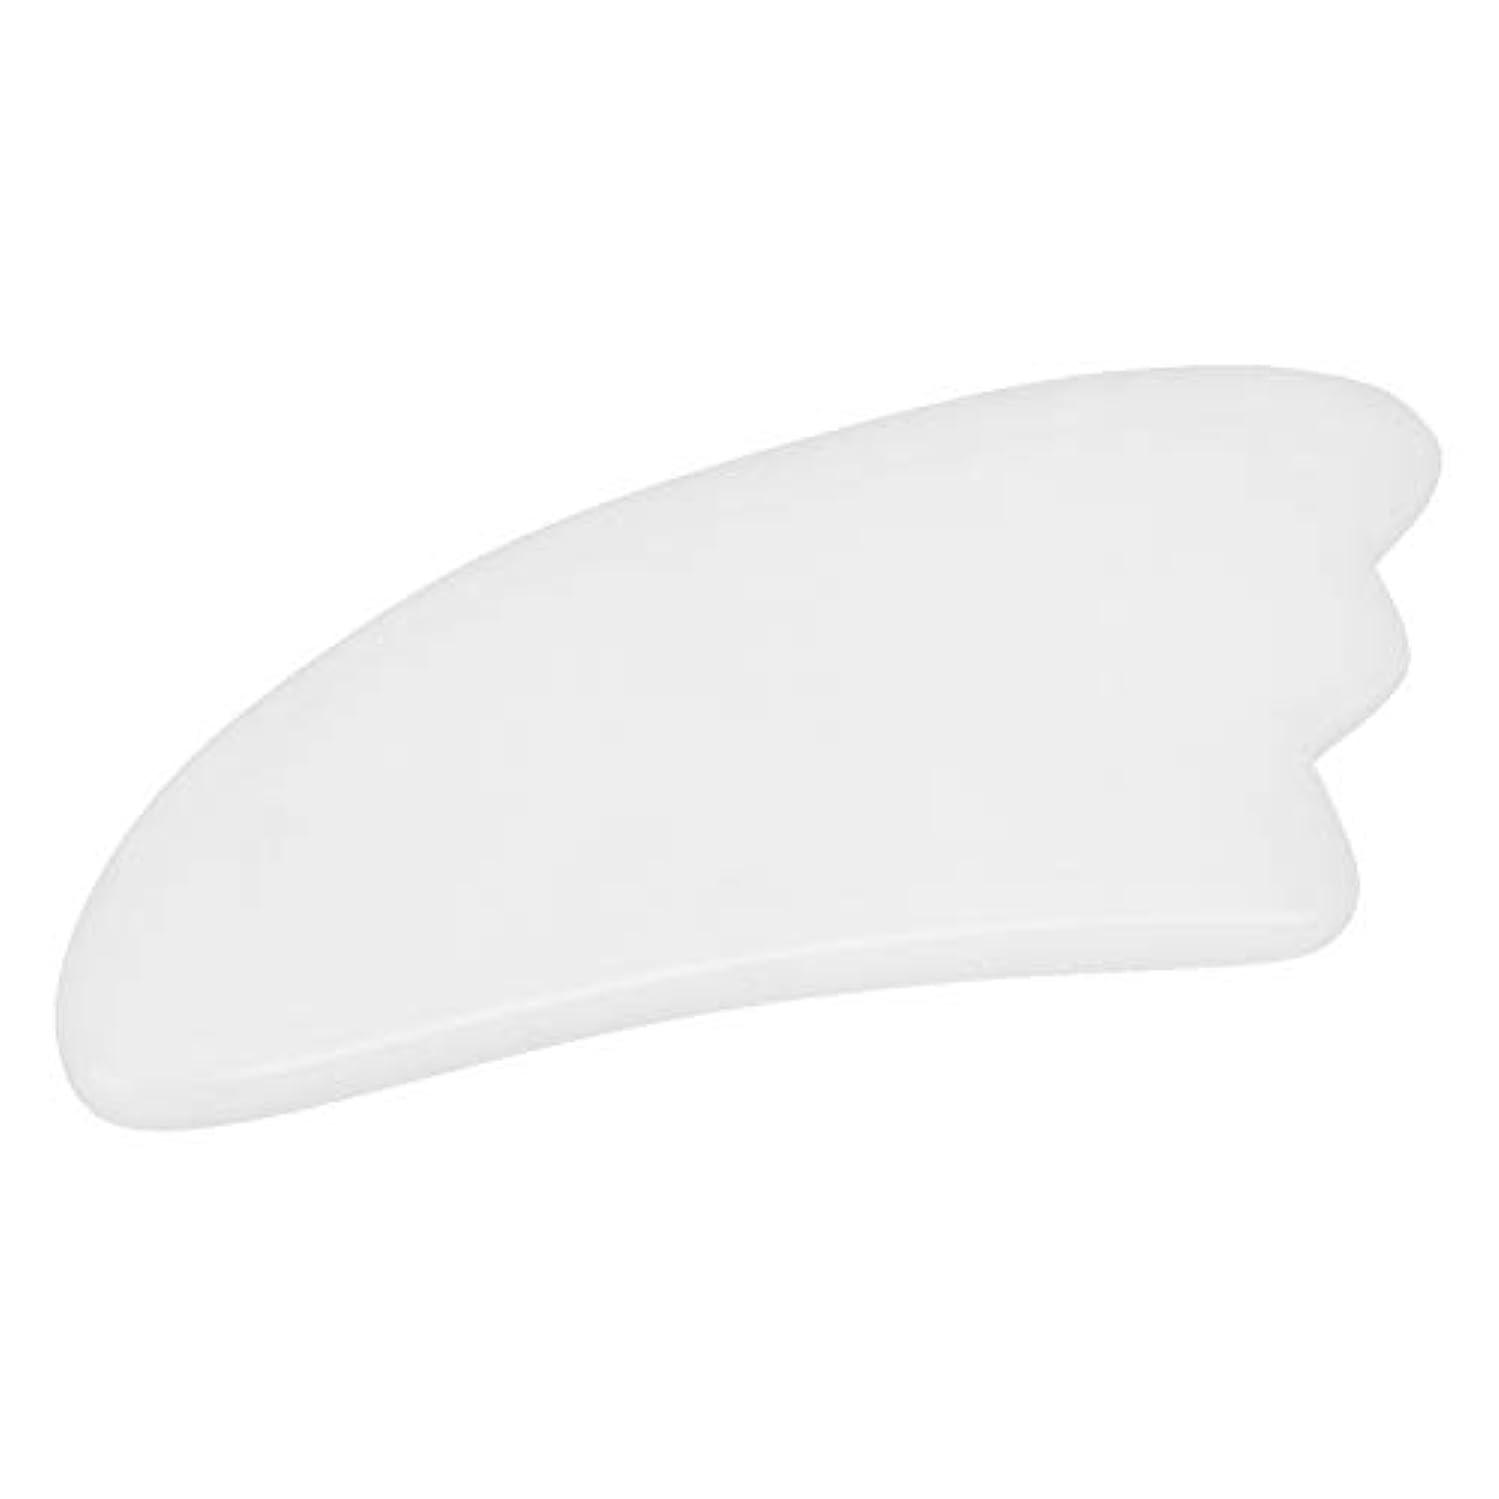 少ない寸法仕立て屋カッサ板 - Delaman かっさ プレート、羽型、マッサージ器 、天然石、血液の循環を促進し、美顔、ホワイト